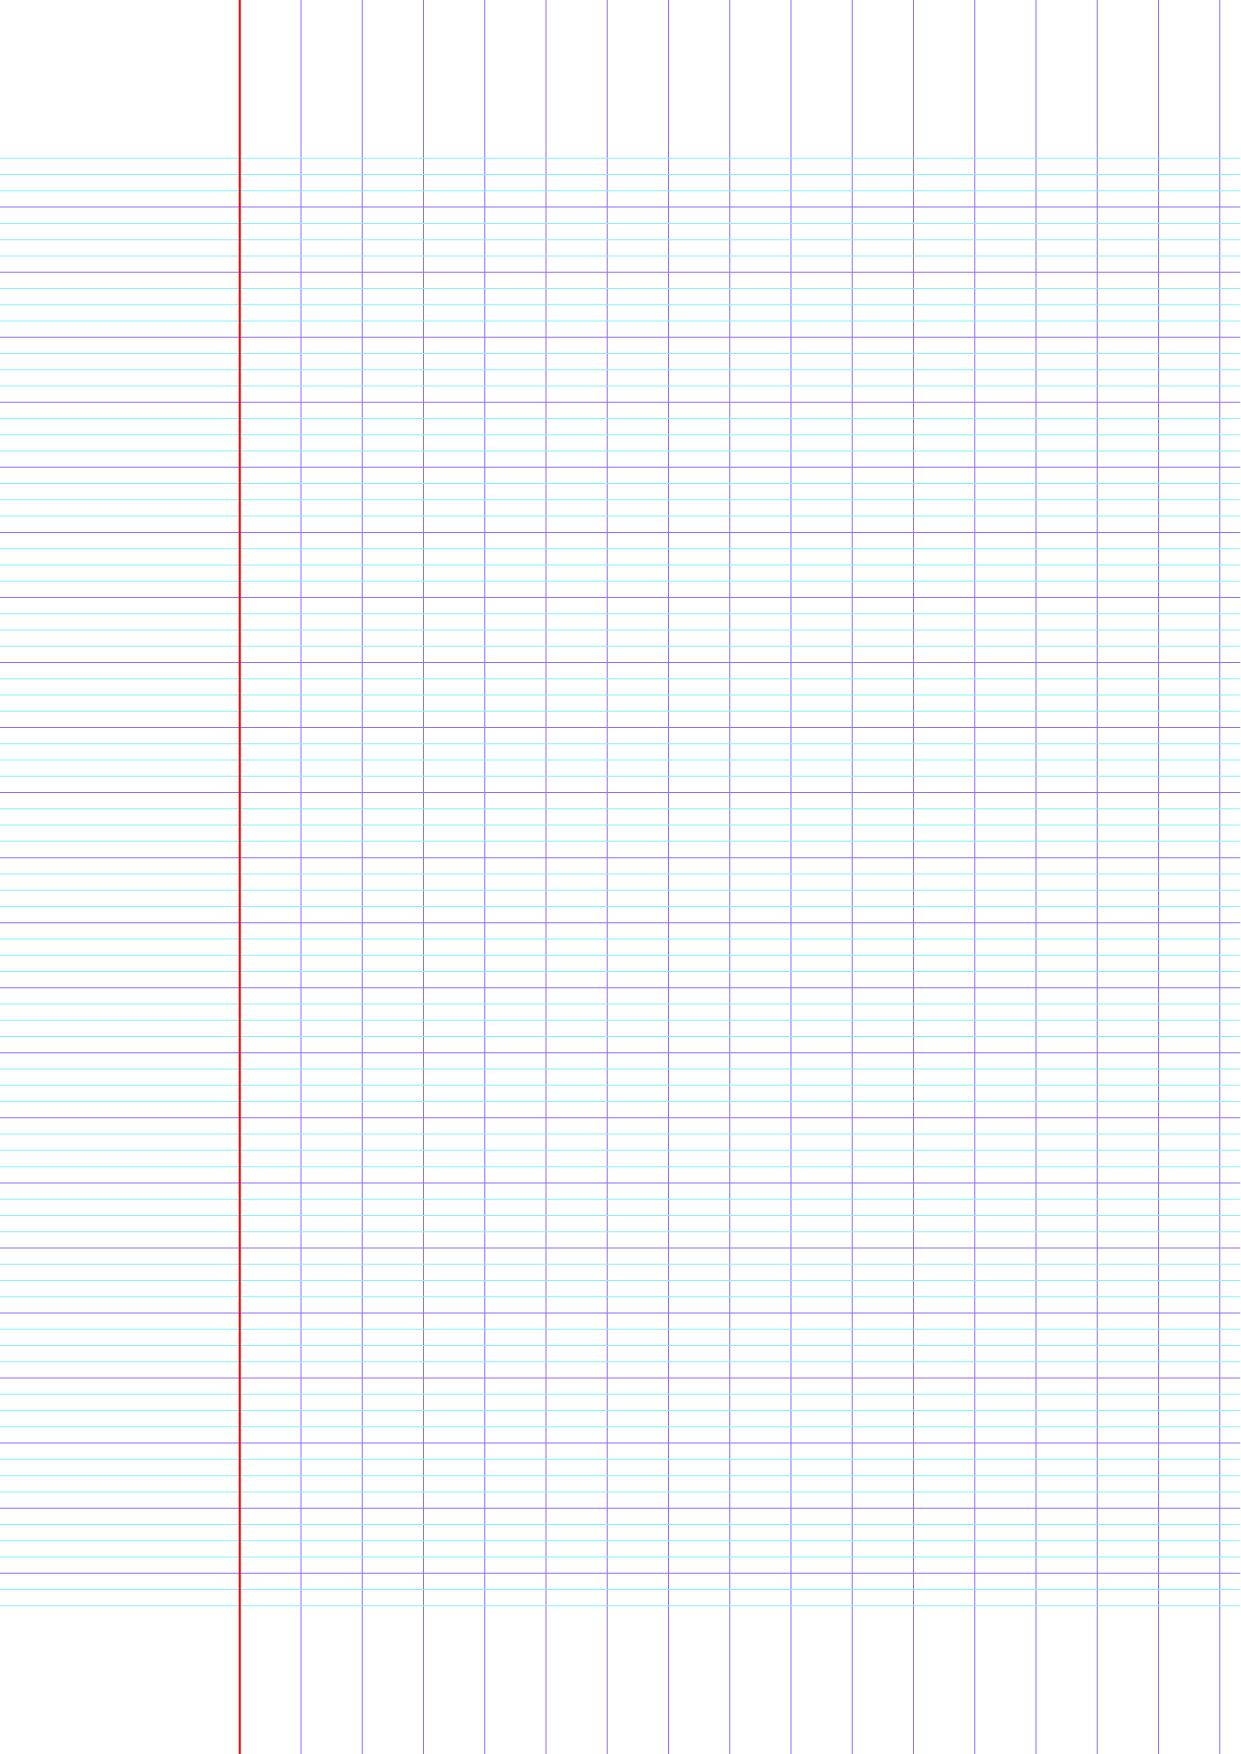 Feuille D'écriture Vierge À Imprimer   Exercices D'écriture destiné Exercices Maternelle Grande Section En Ligne Gratuit